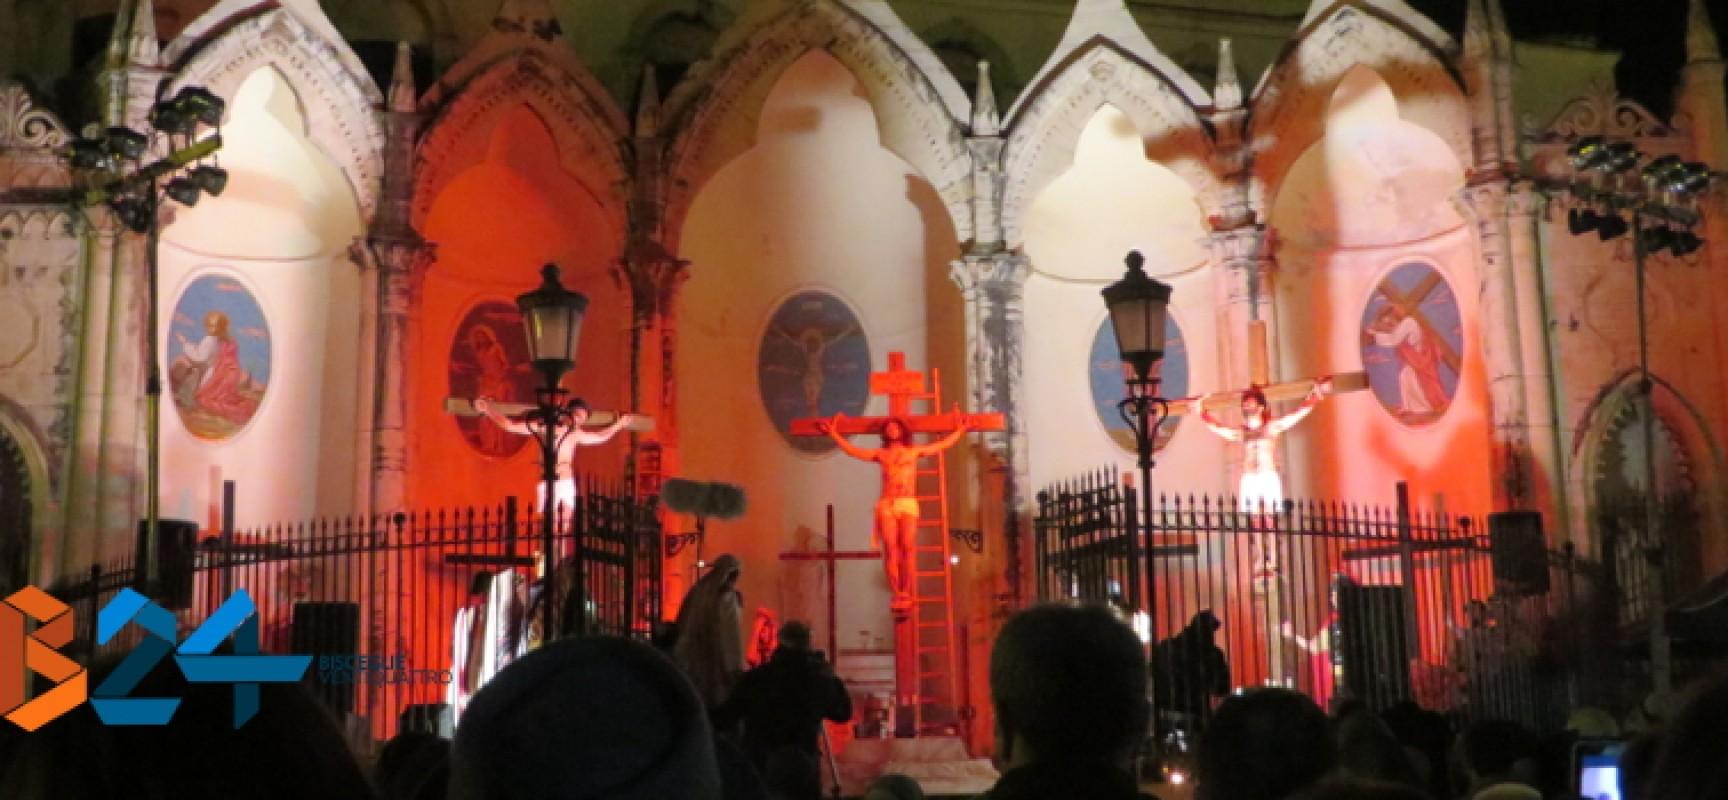 """Torna la """"Passio Christi"""" organizzata dall'associazione Schàra onlus / IL PERCORSO"""